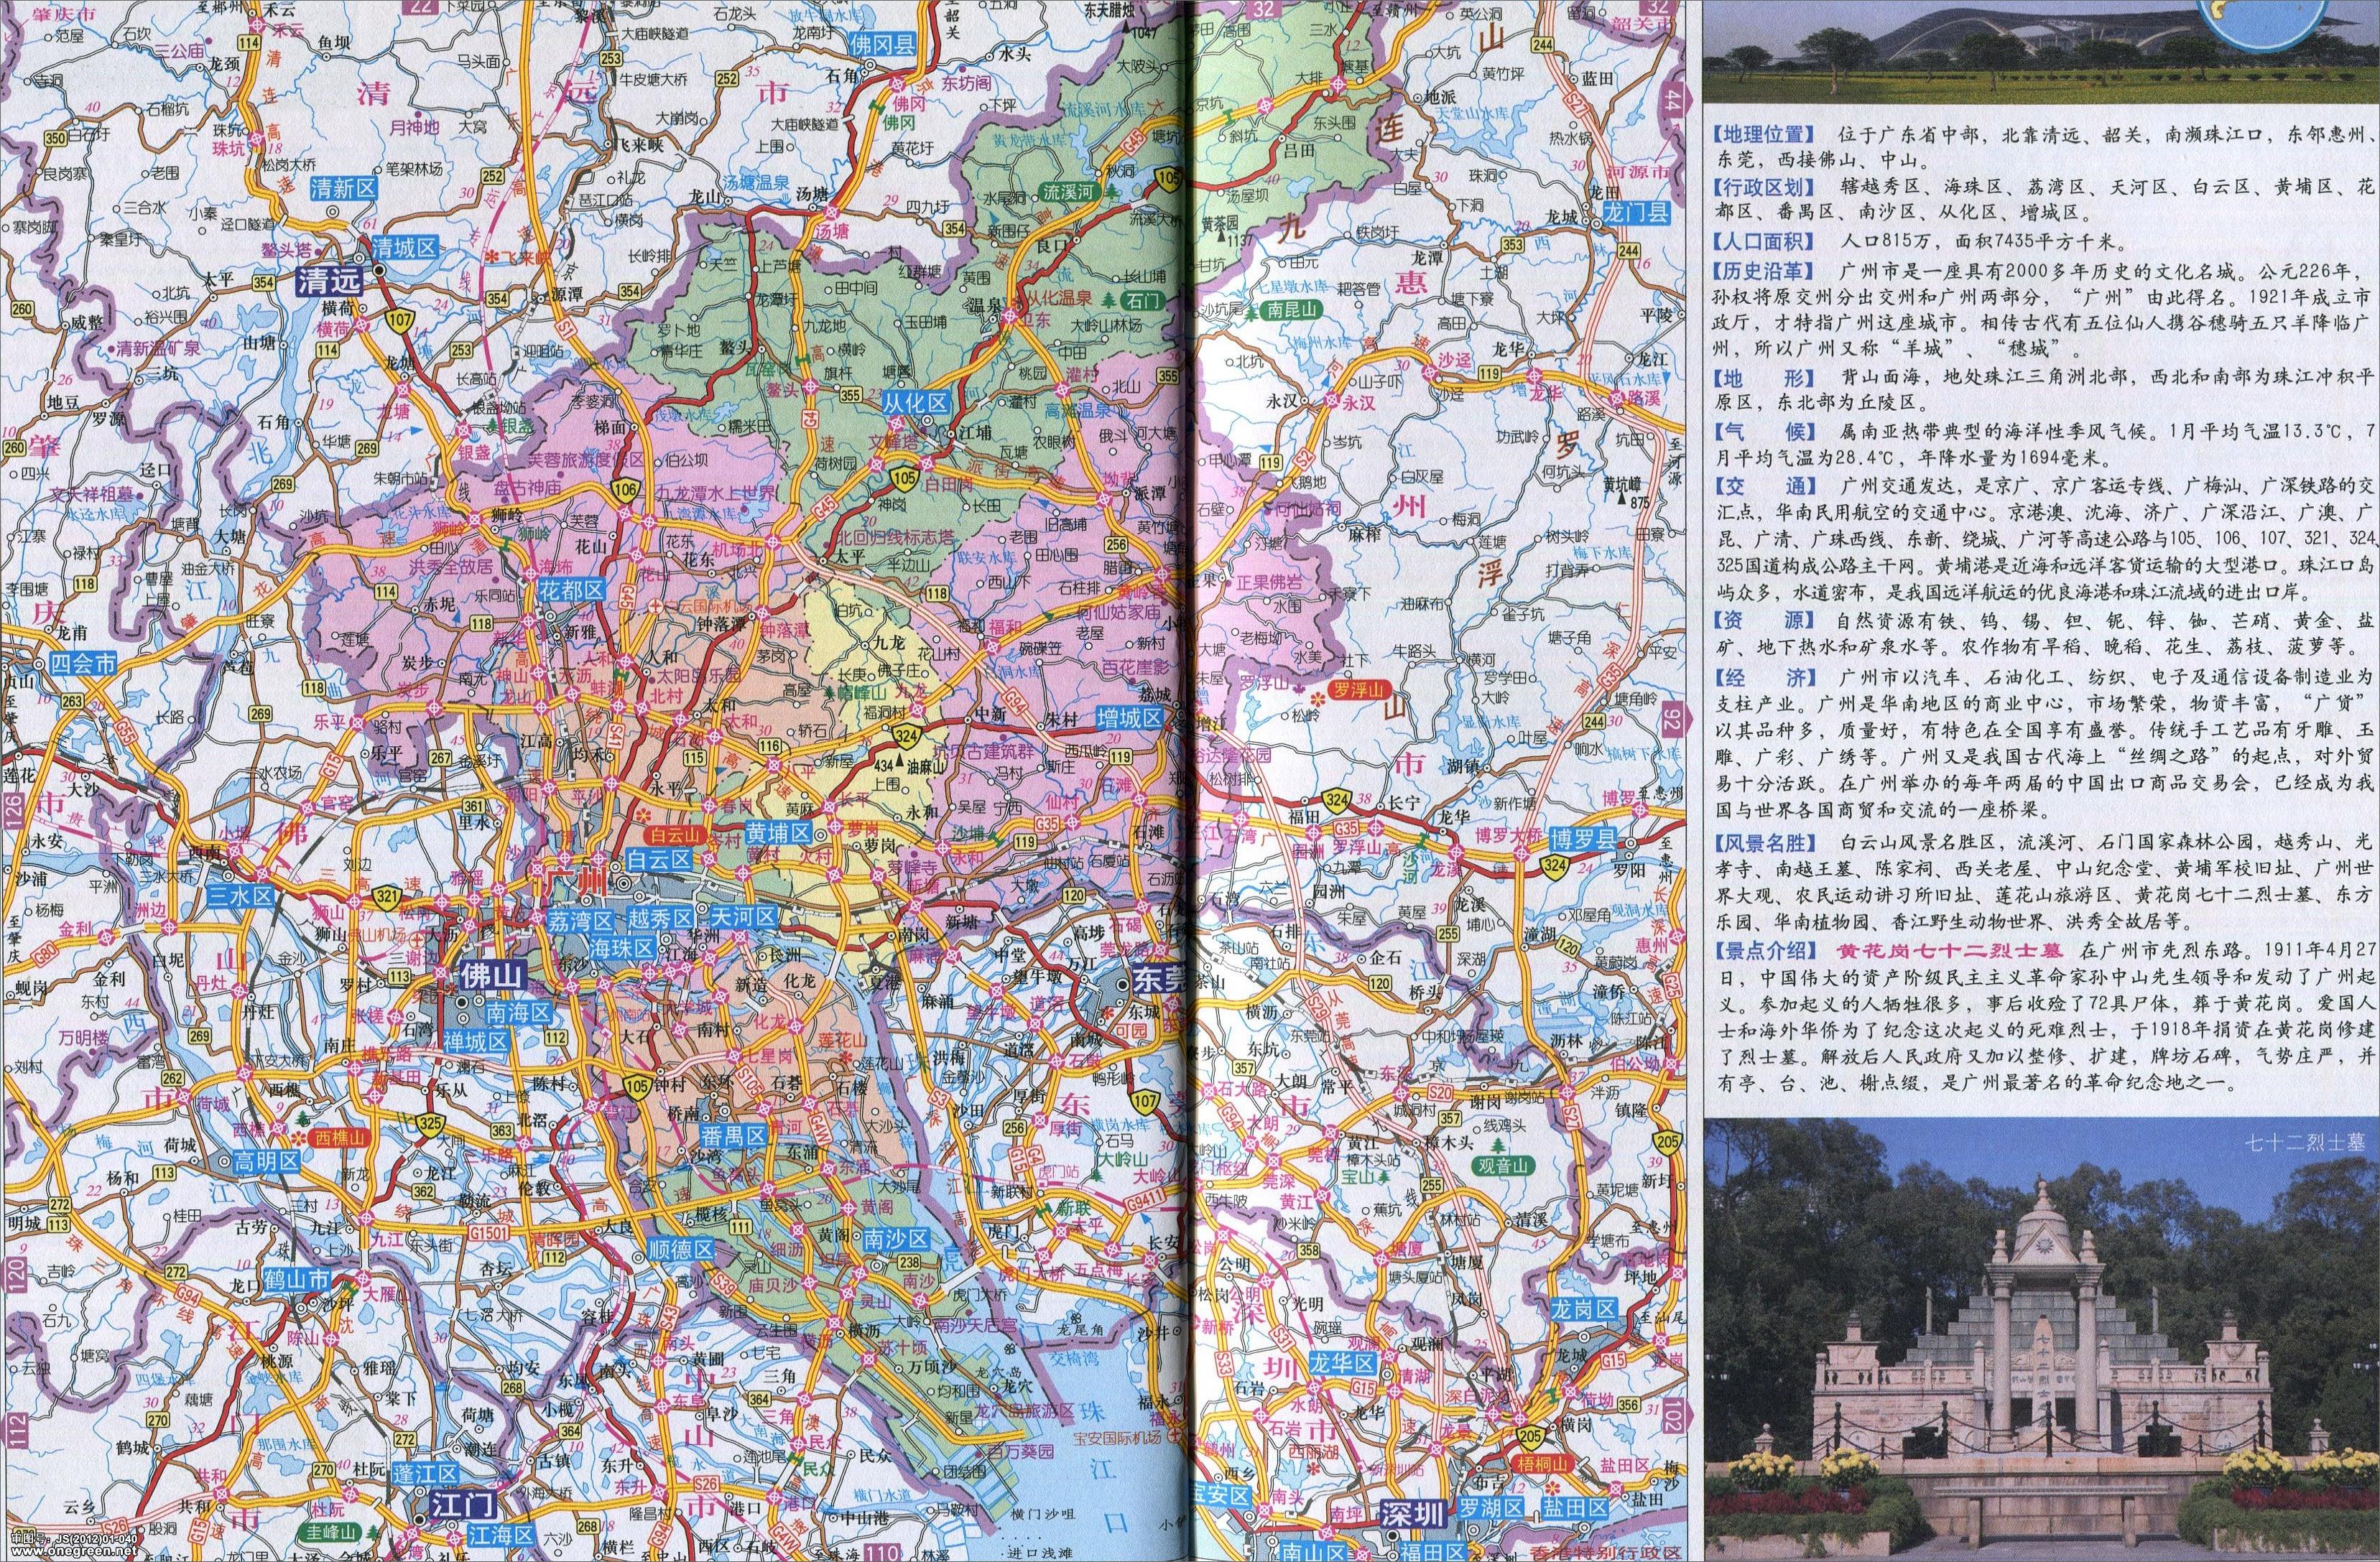 山东省地图全图大图_广州地图_广州市区地图全图高清版_地图窝